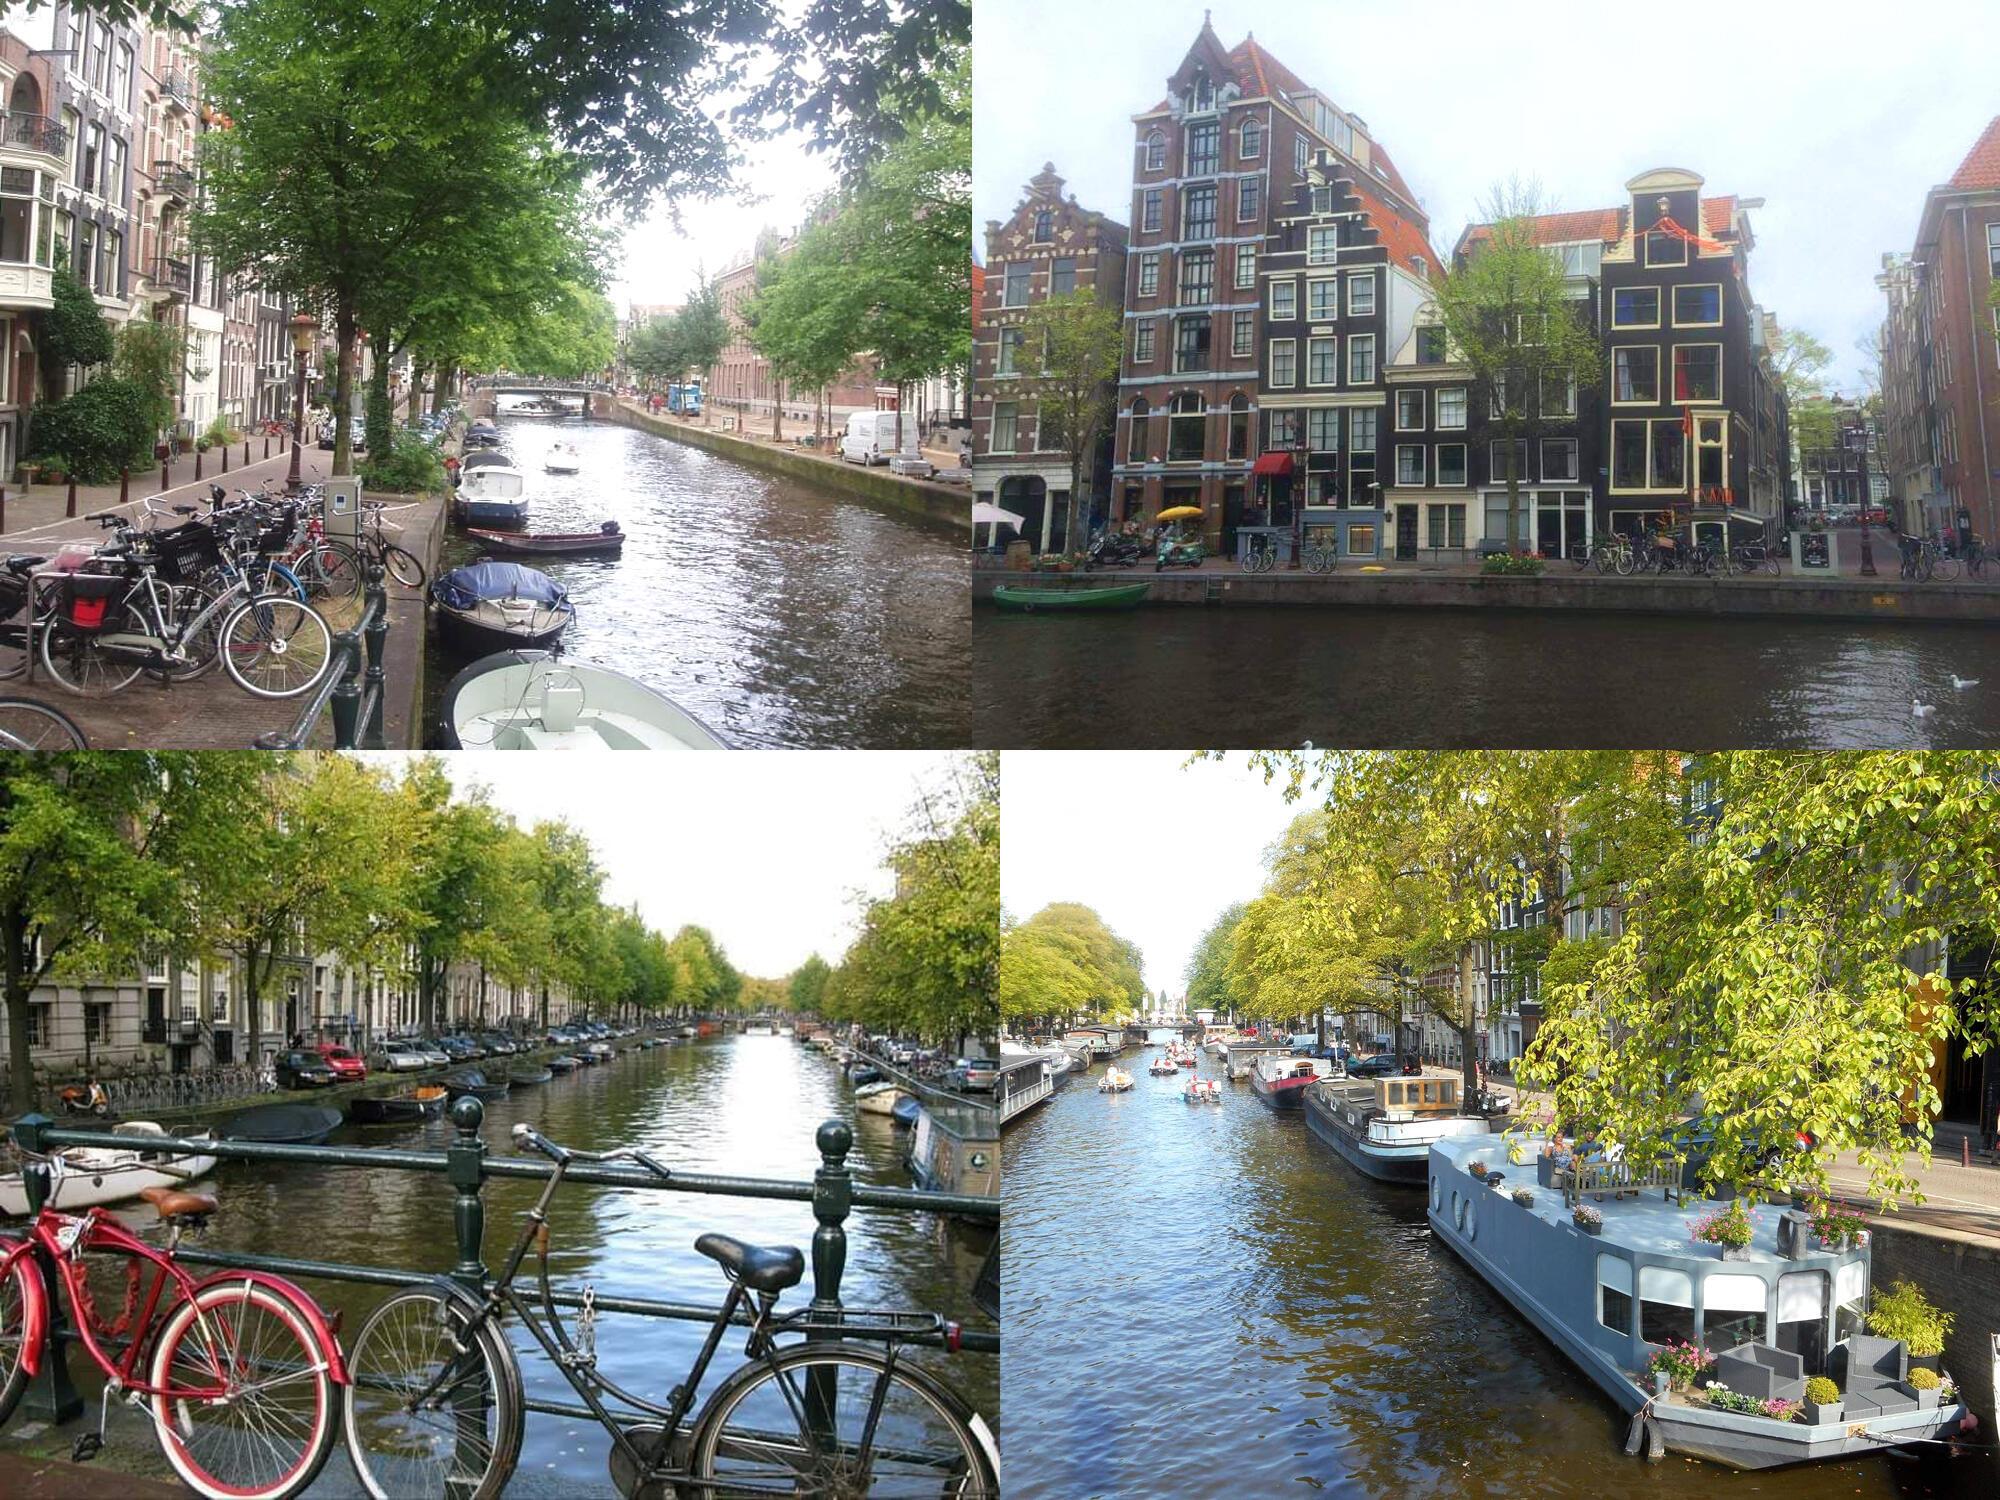 Thành phố Amsterdam (Hà Lan) đứng hạng thứ 7 trên bảng xếp hạng với 26,7 triệu hashtag,